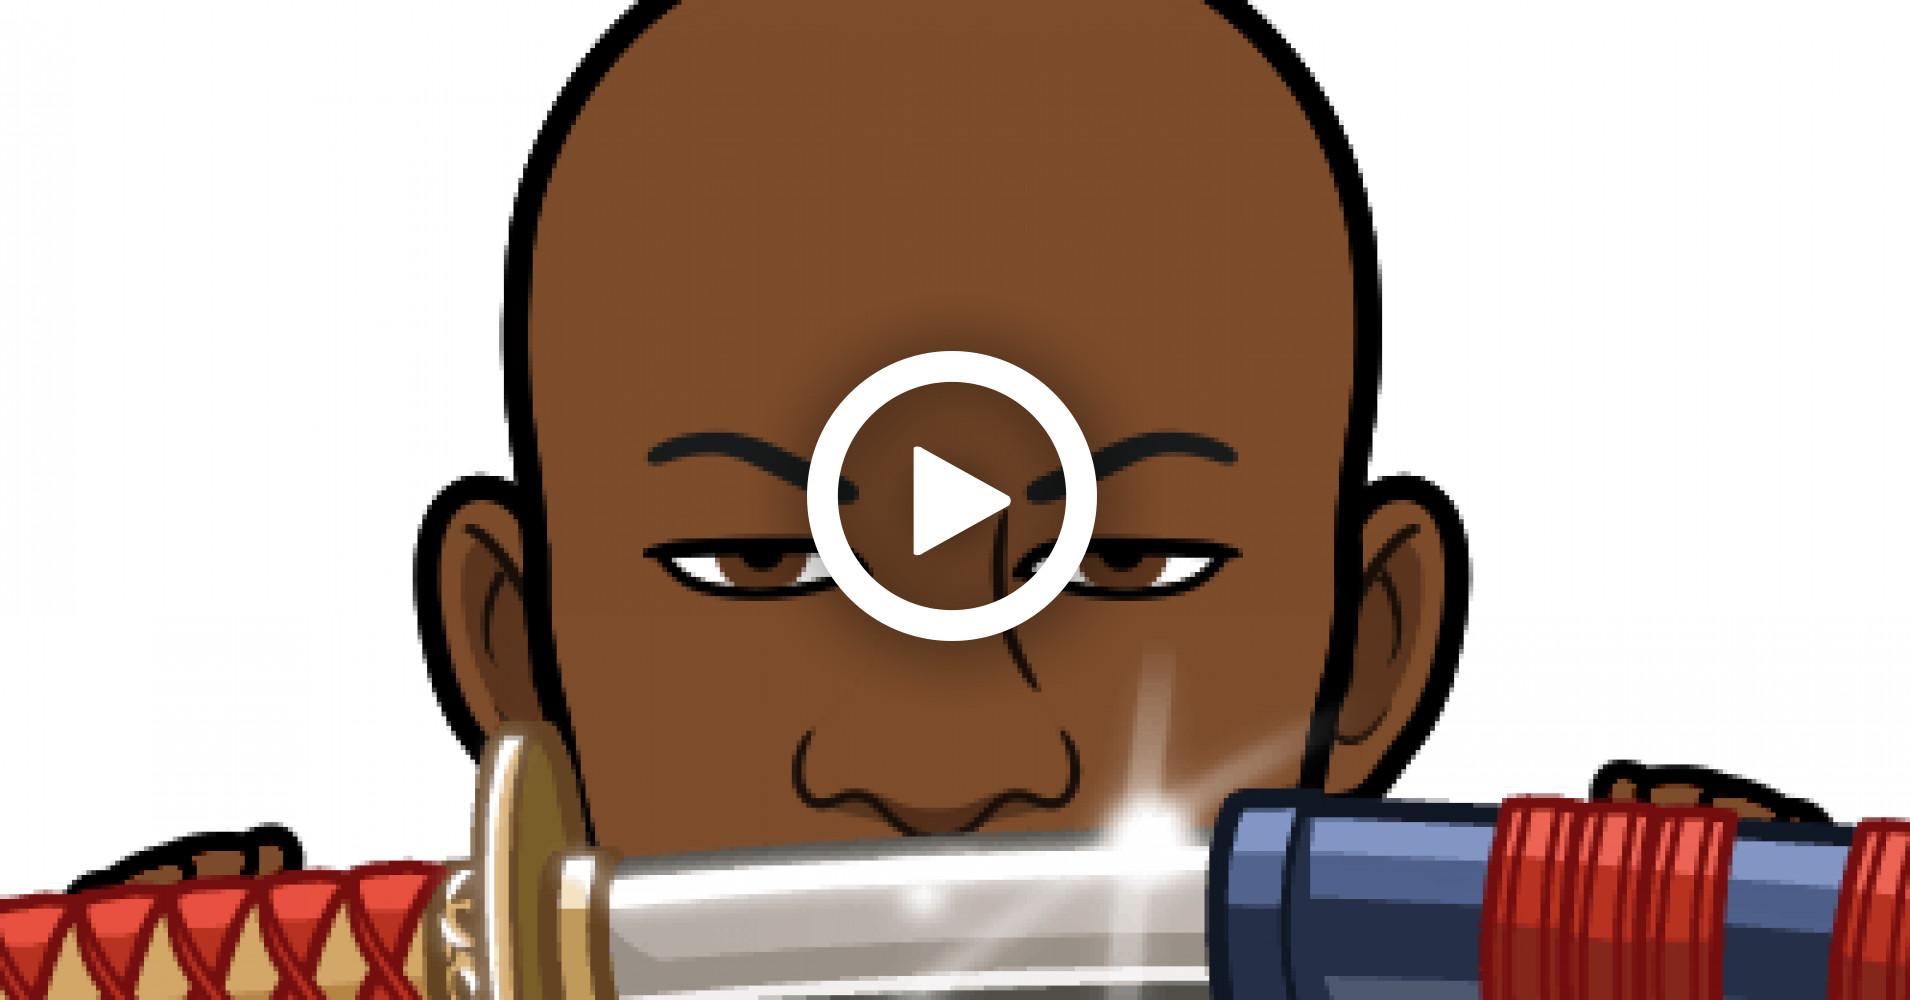 Jams on I got it instrumental by Jai Ova